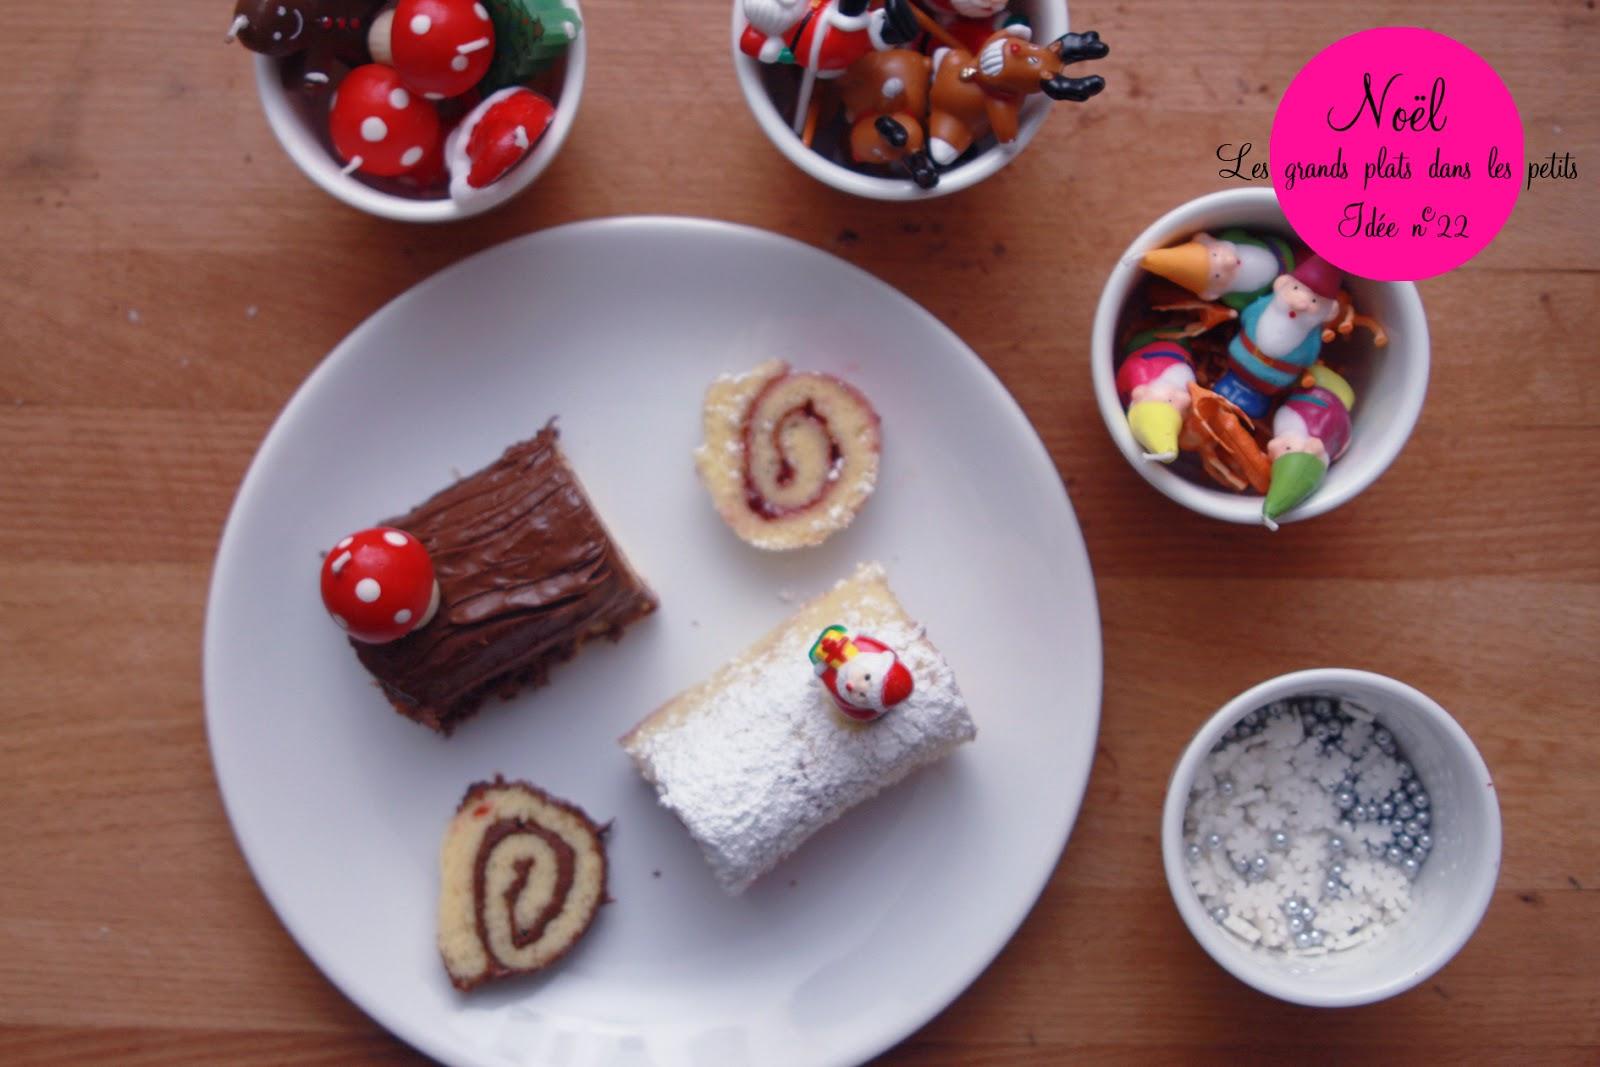 Recette mini dessert pour noel